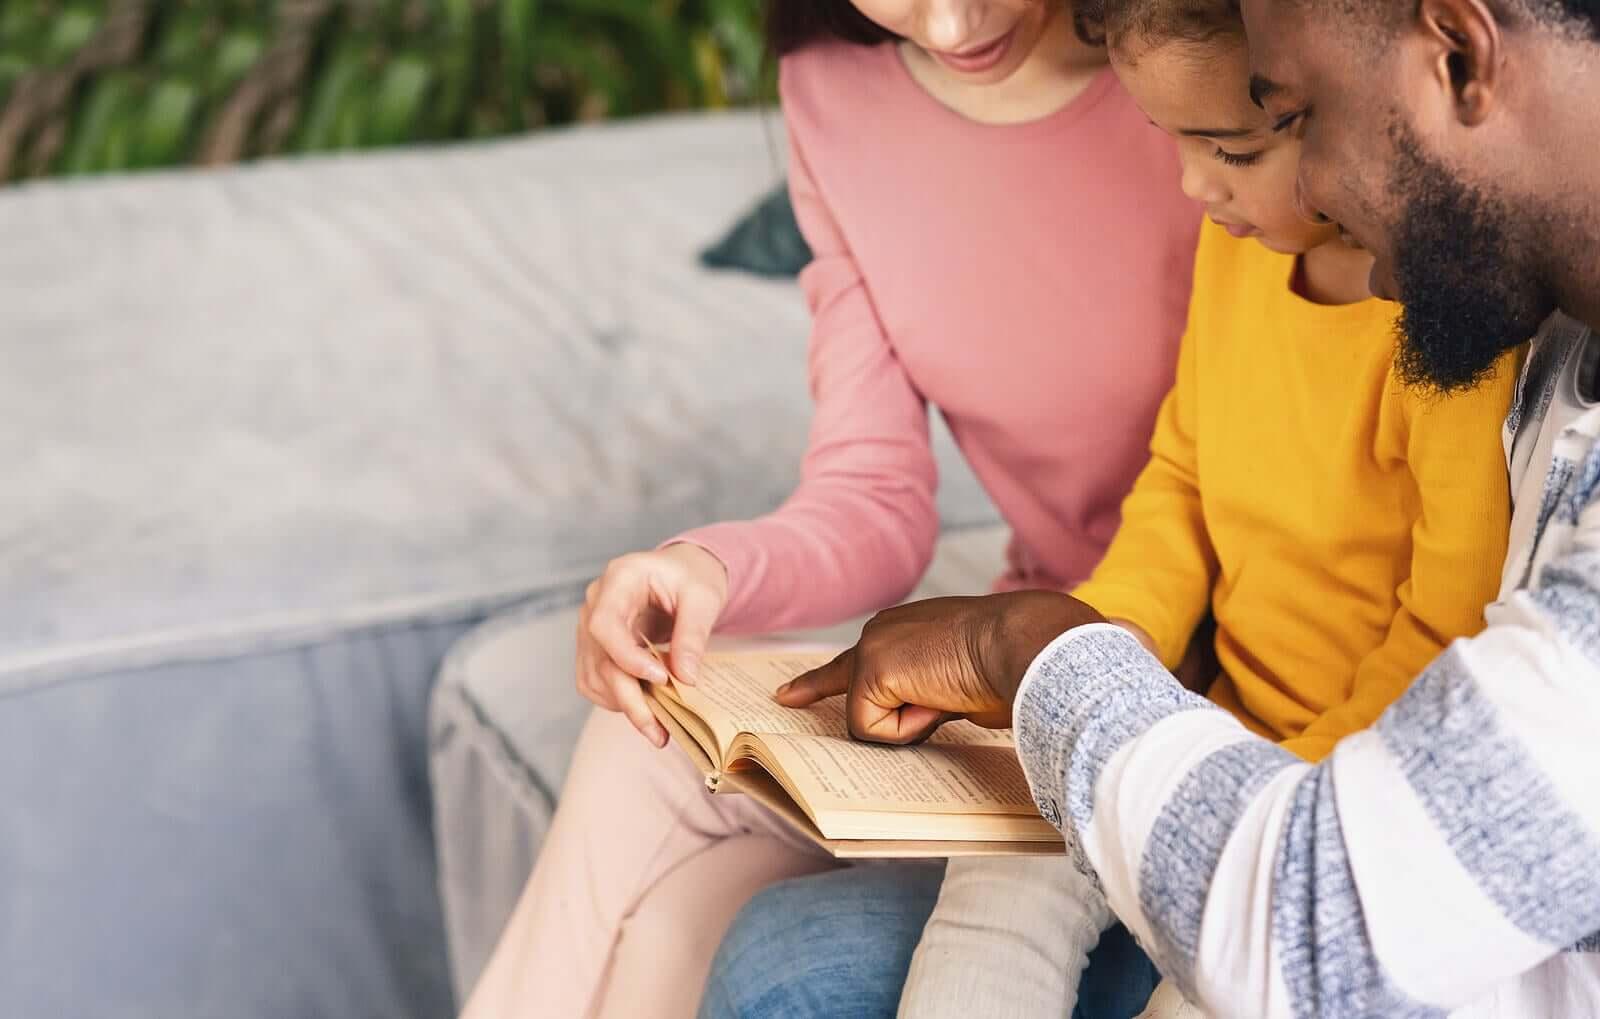 ajudar uma criança com dificuldade de aprendizagem a compreender a leitura